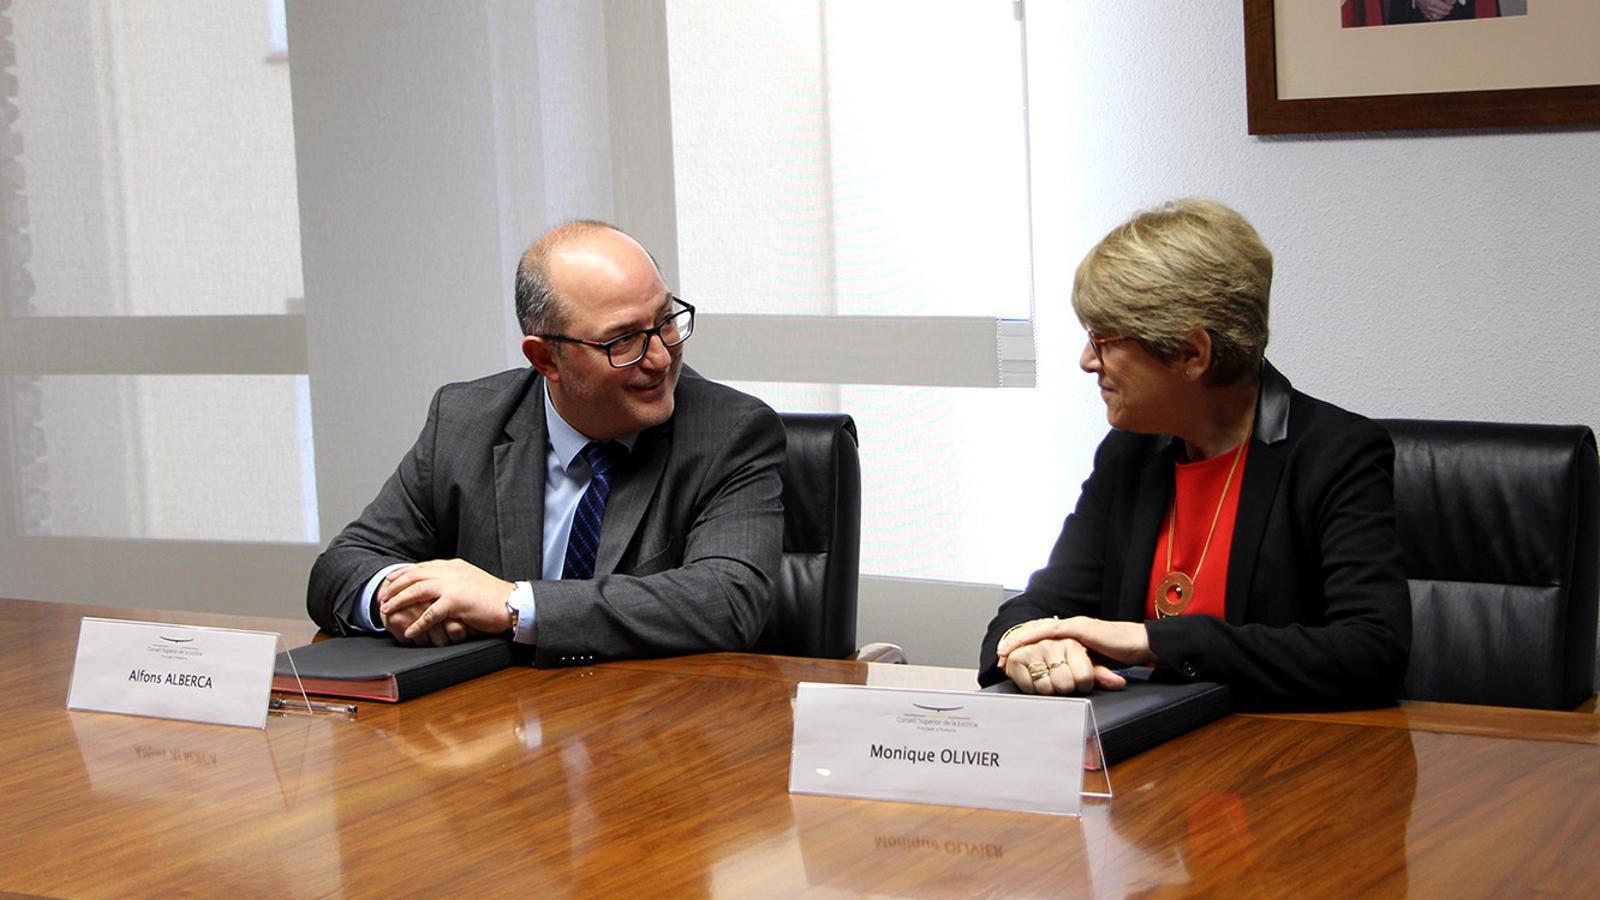 El fiscal general, Alfons Alberca i la seva homòloga de la cort d'apel·lació de Tolosa, Monique Olivier, durant la signatura del protocol. / M. F.